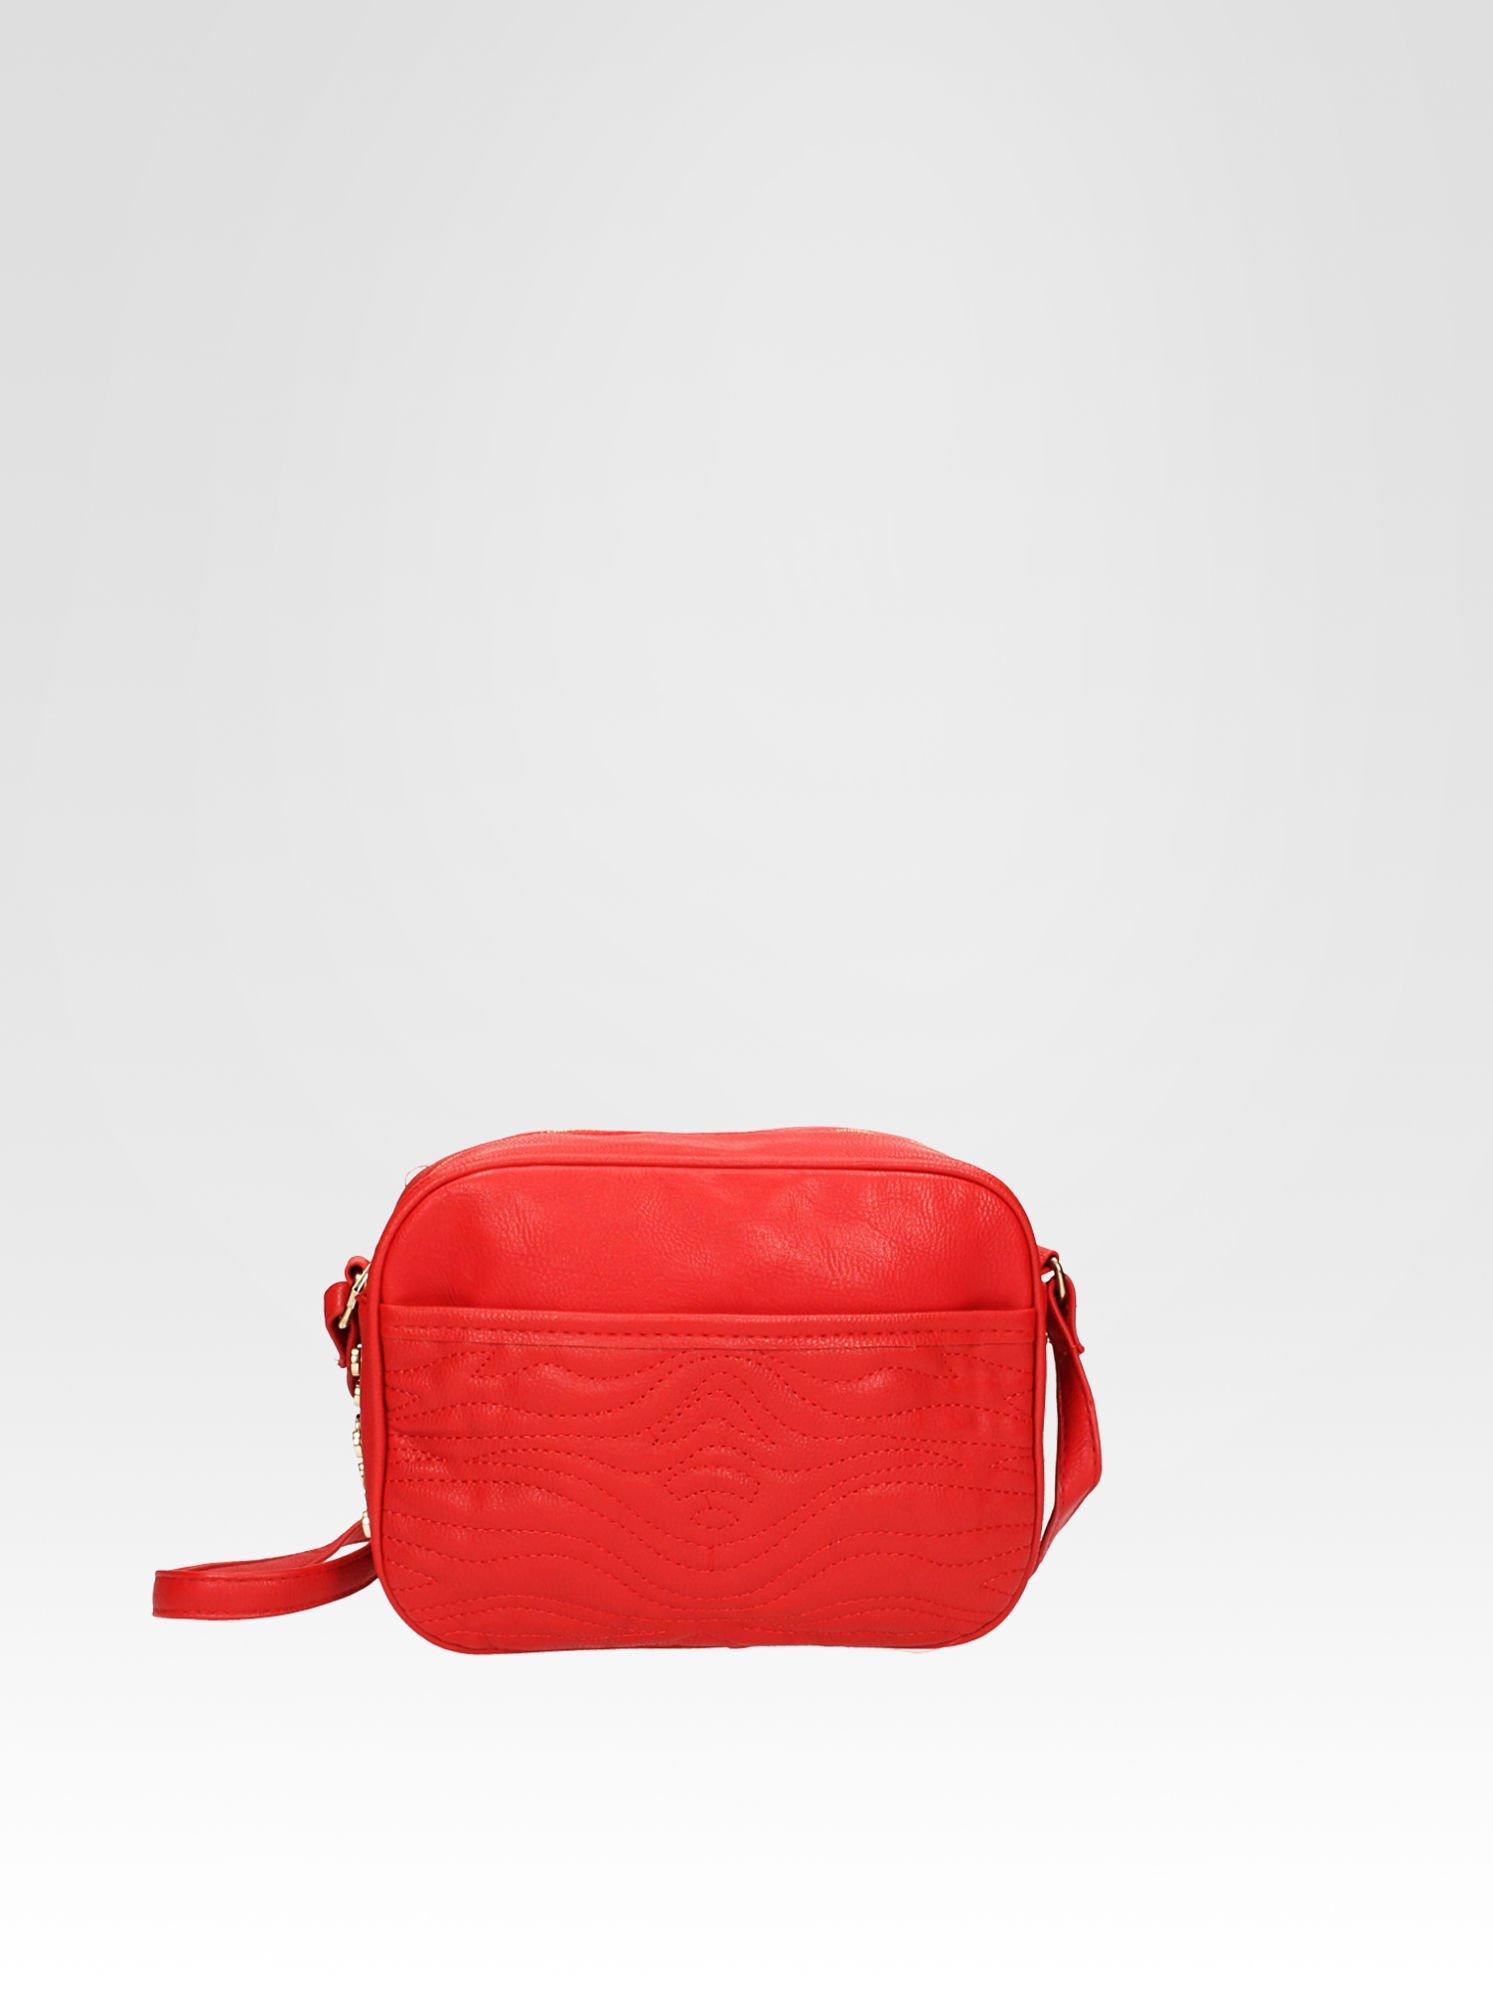 Czerwona mała torebka listonoszka z dżetami                                  zdj.                                  1